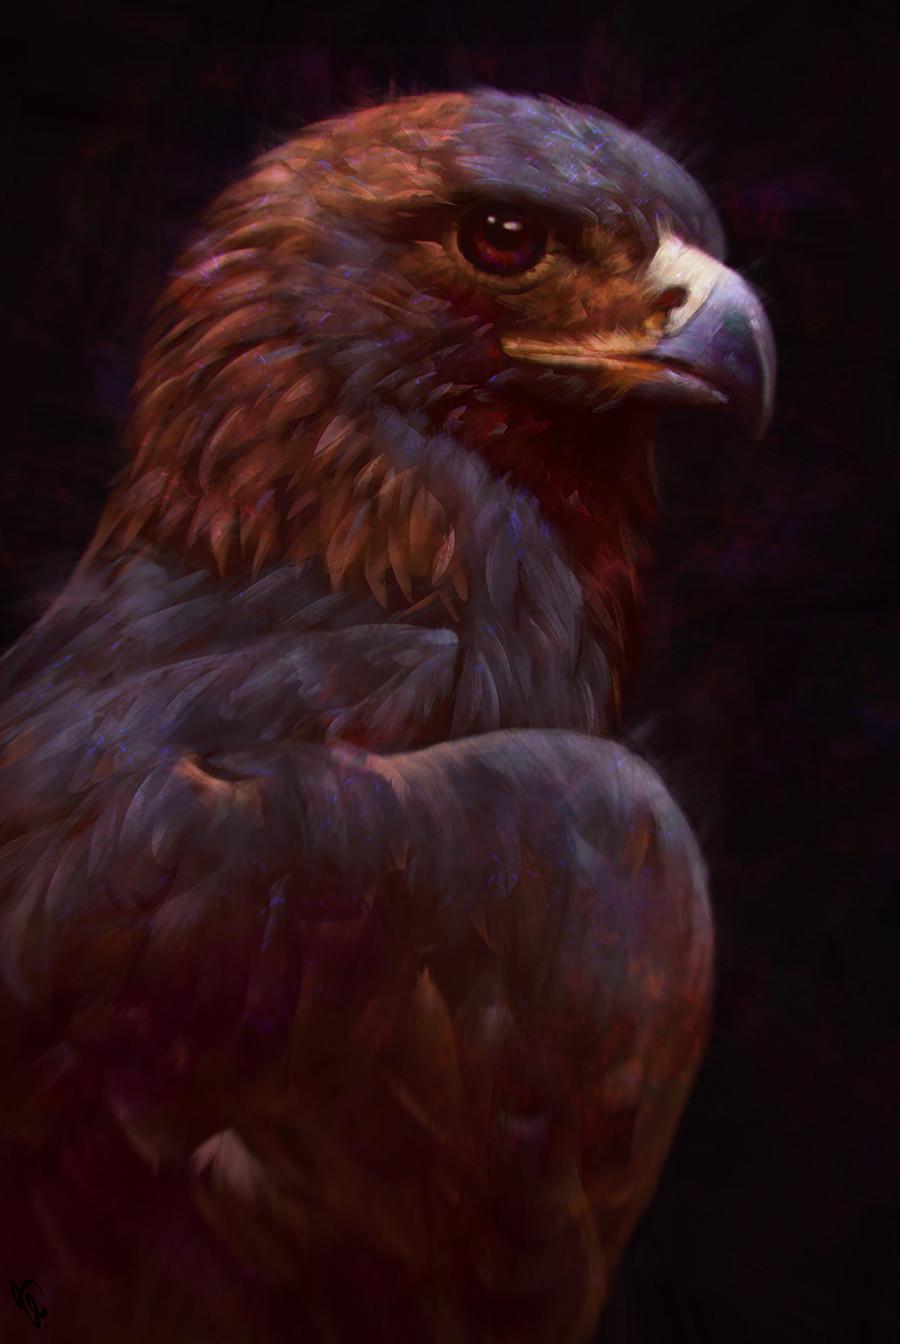 Angel ganev angelganev eagle